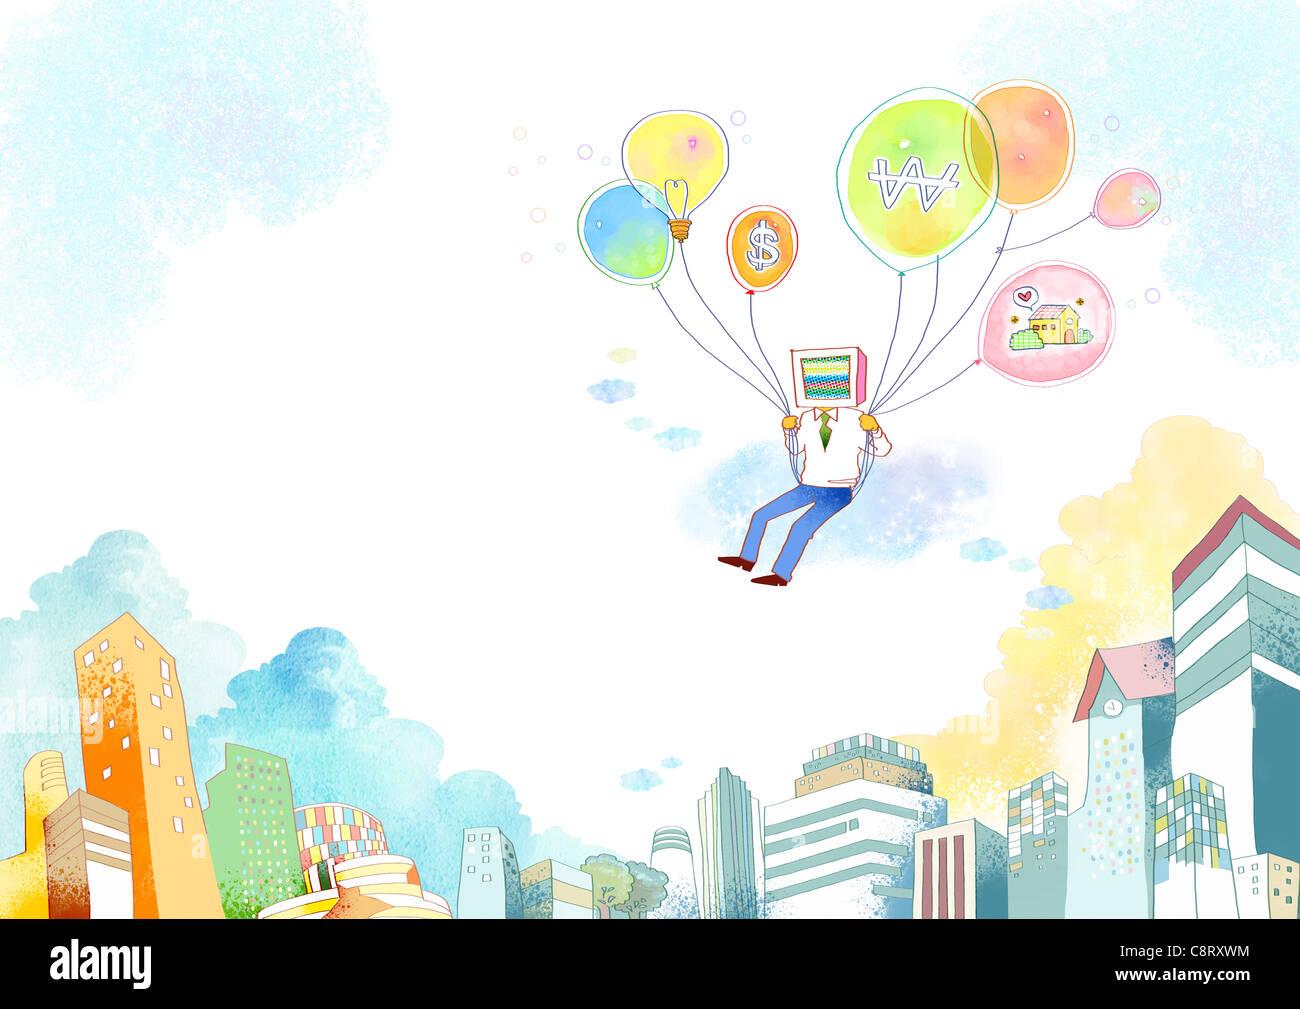 Ilustración del hombre volando con globos Imagen De Stock